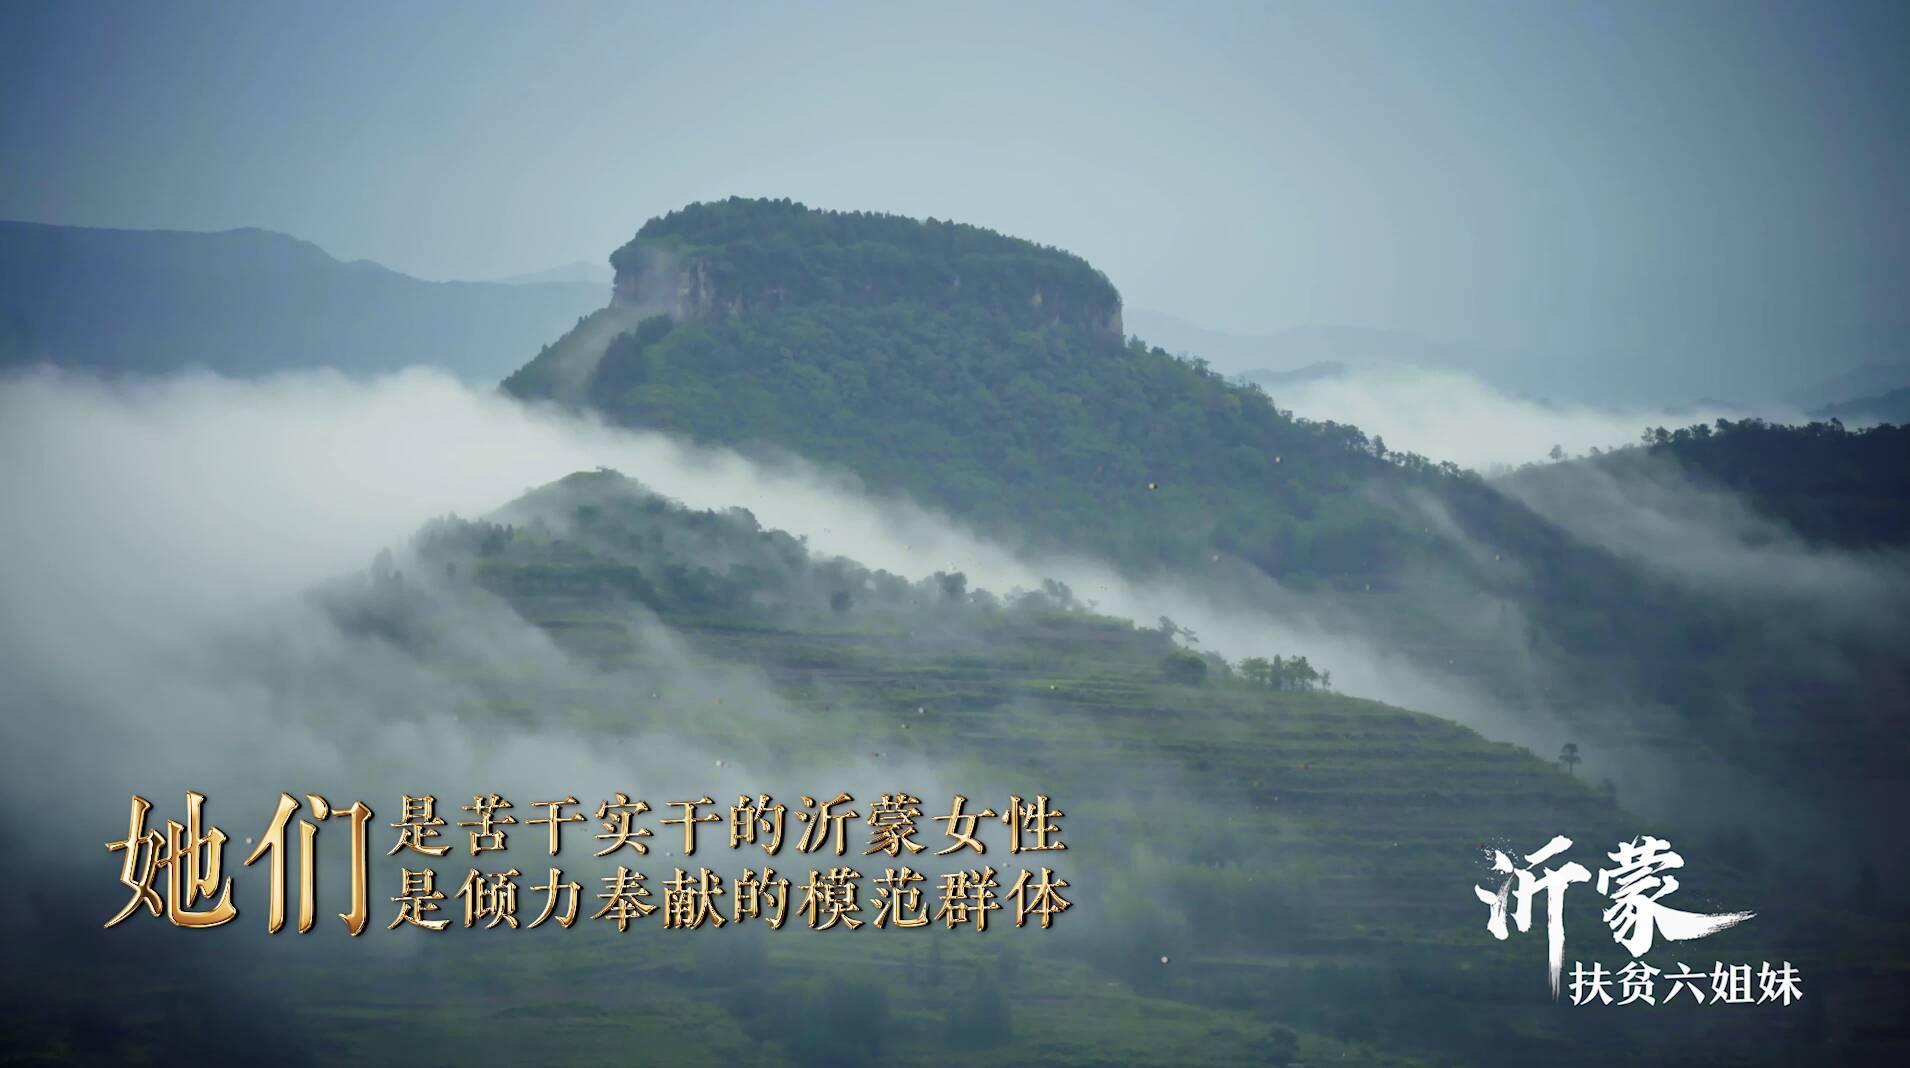 纪录片《沂蒙扶贫六姐妹》4月7日晚在山东卫视开播